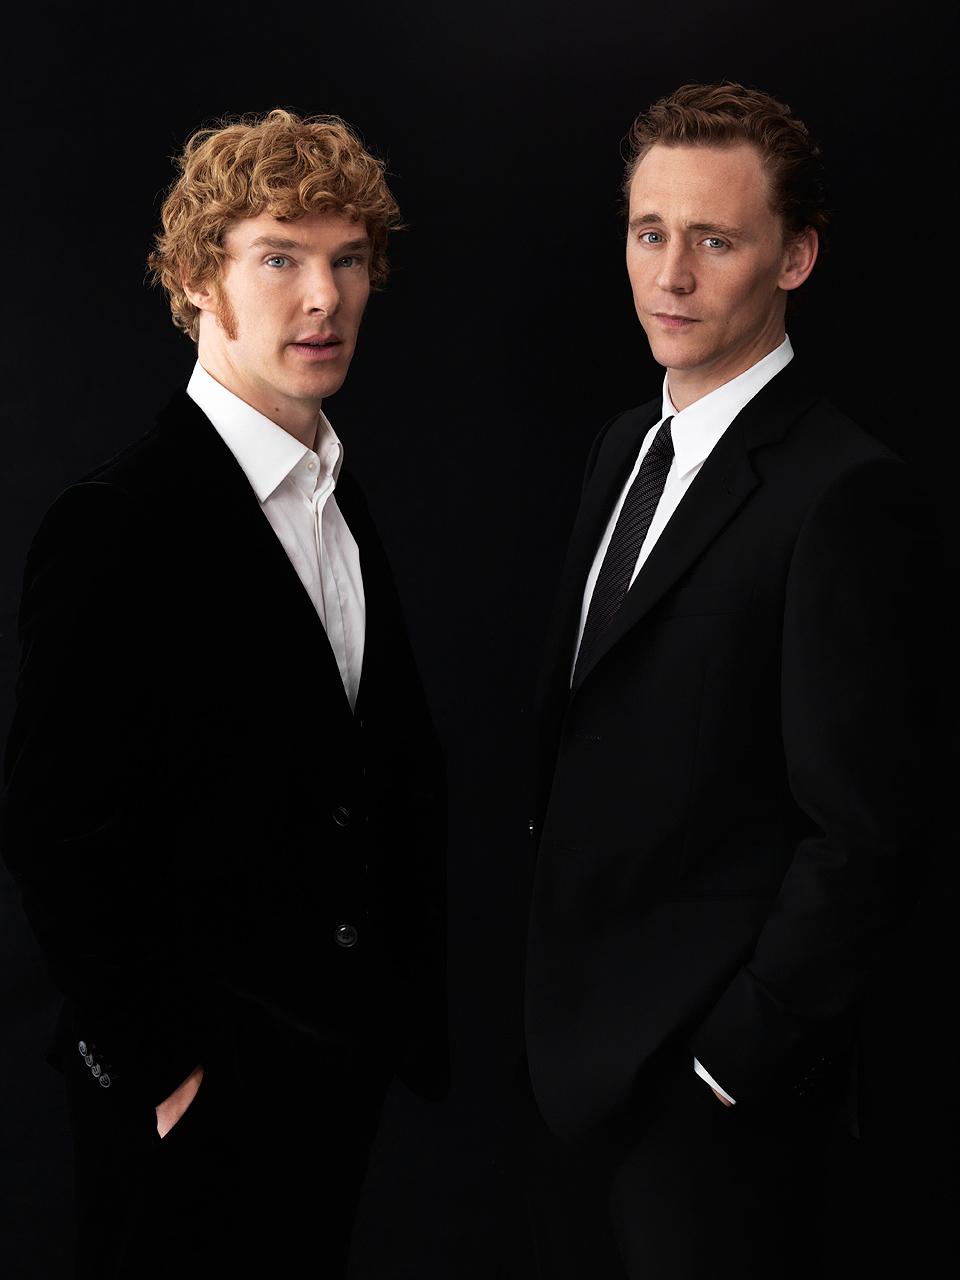 benedict cumberbatch amp tom hiddleston benedict